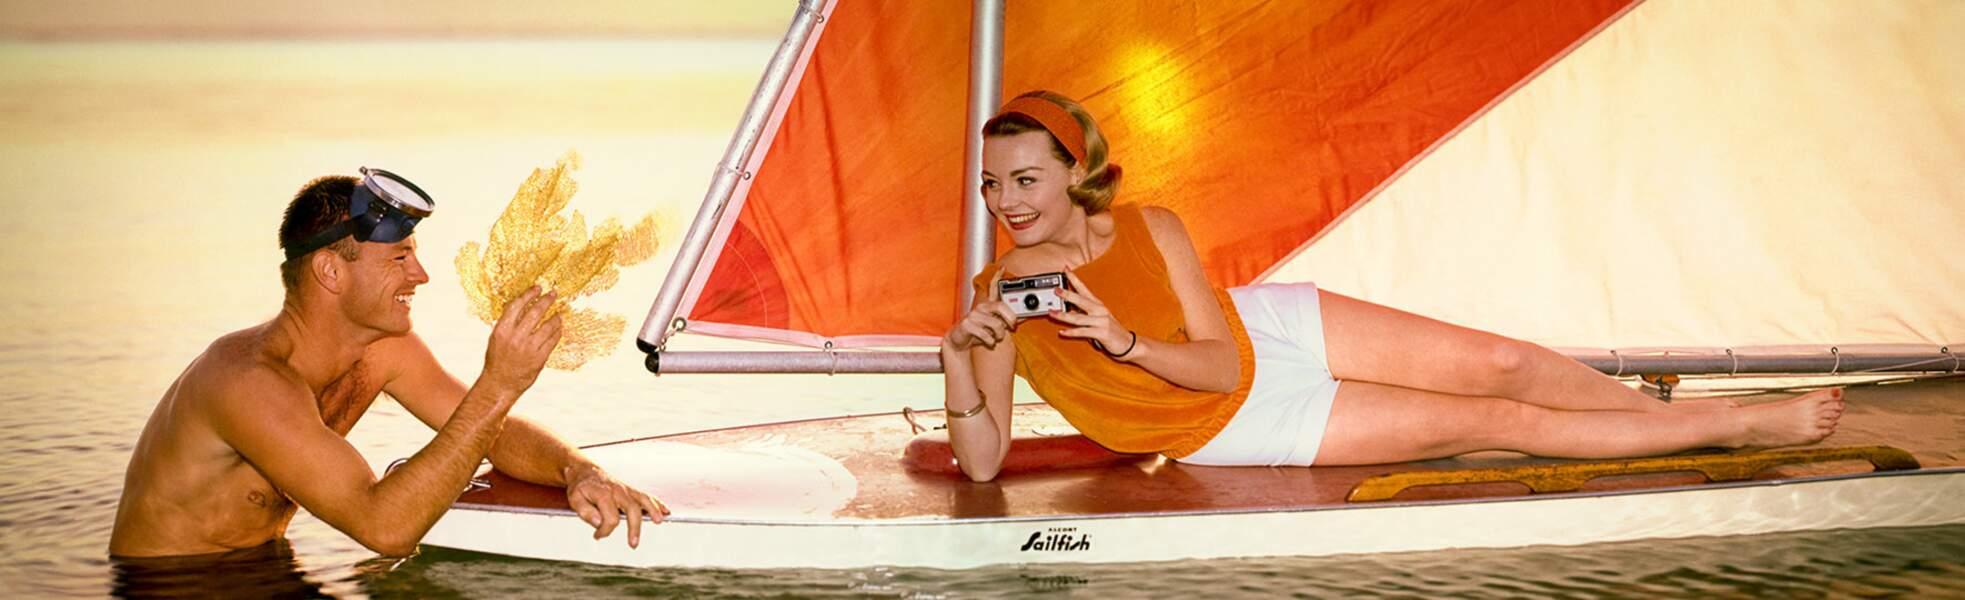 Sailboat, 1968